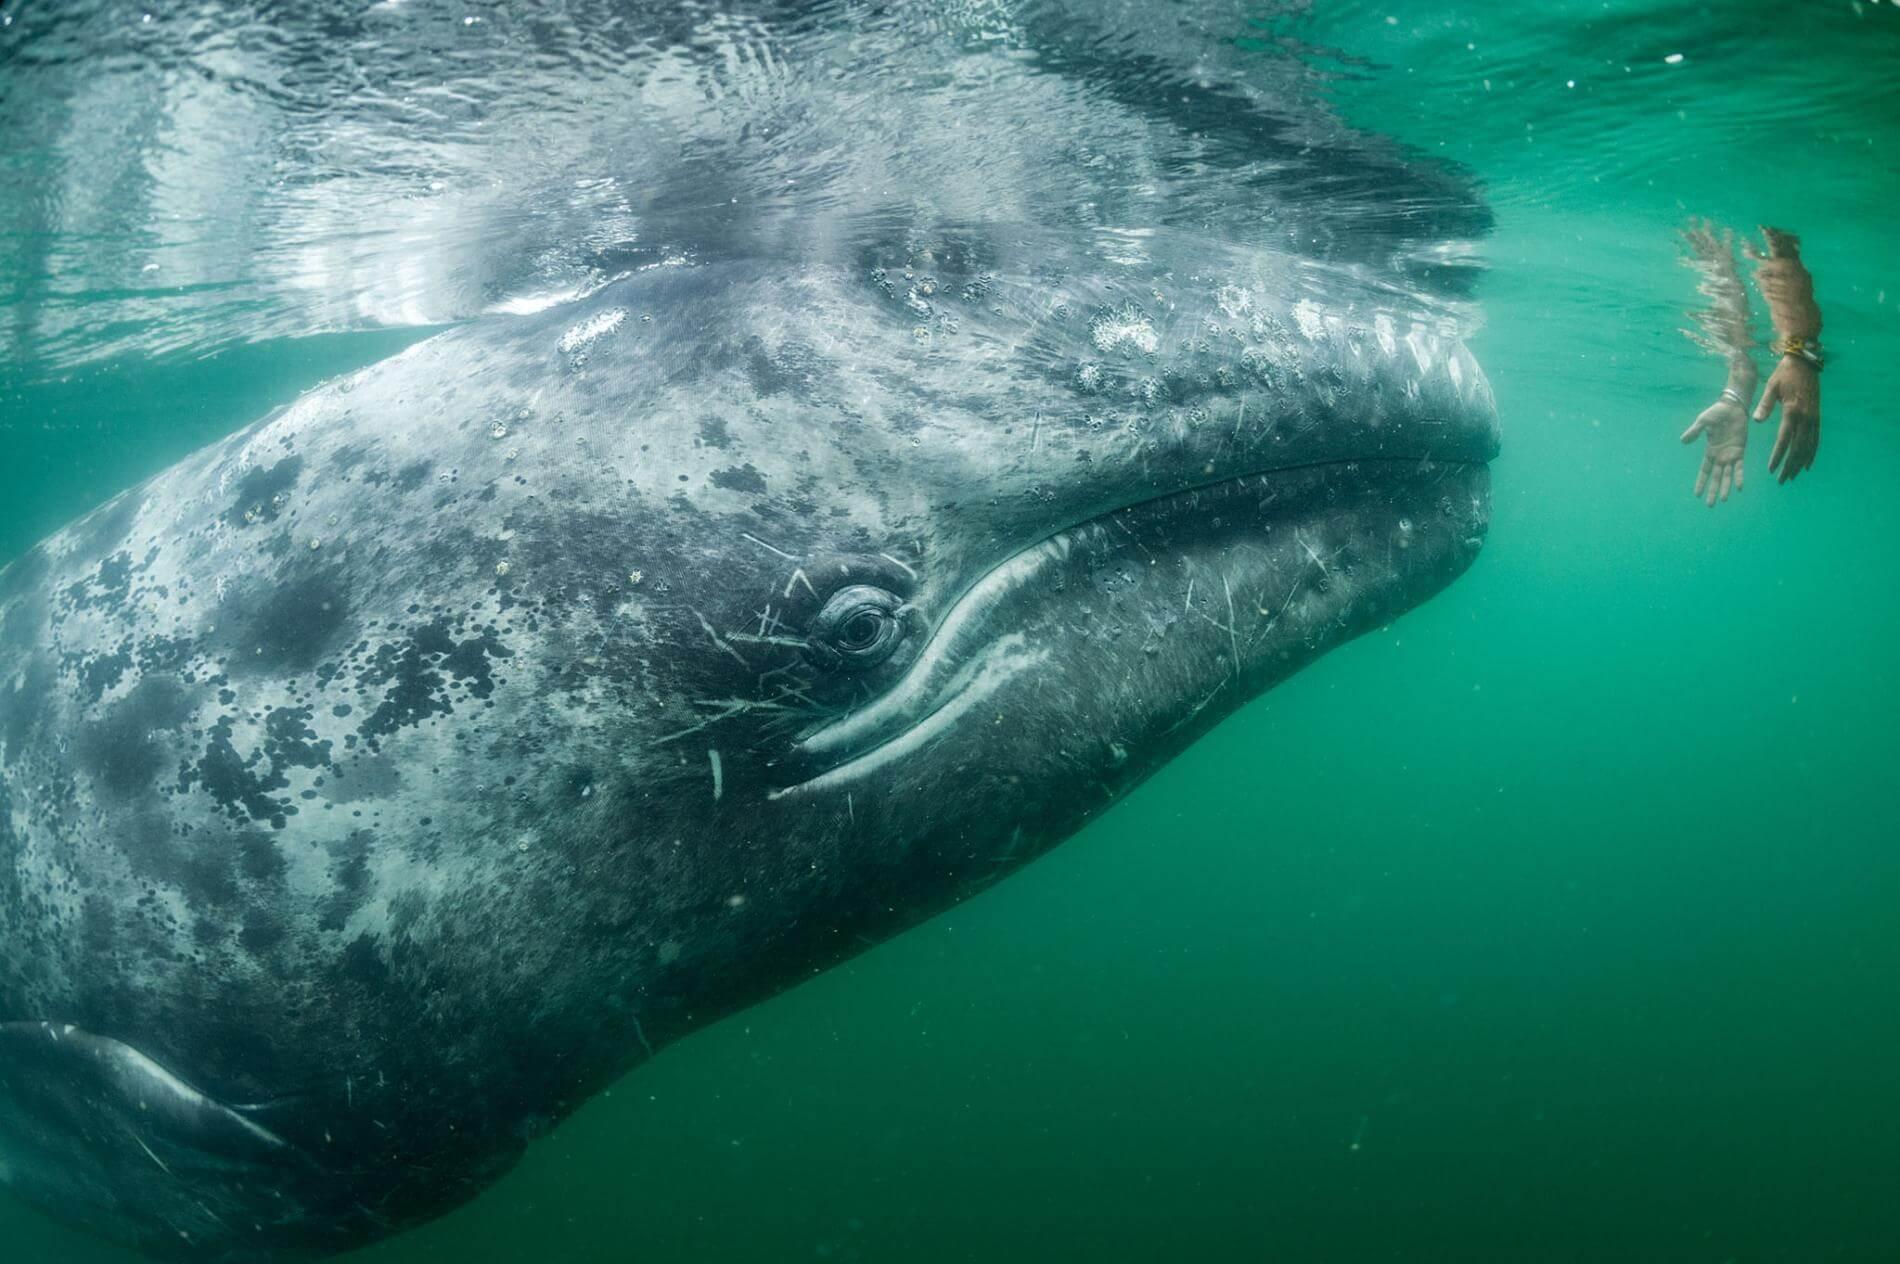 Сірий кит підплив до туристів в Мексиці.